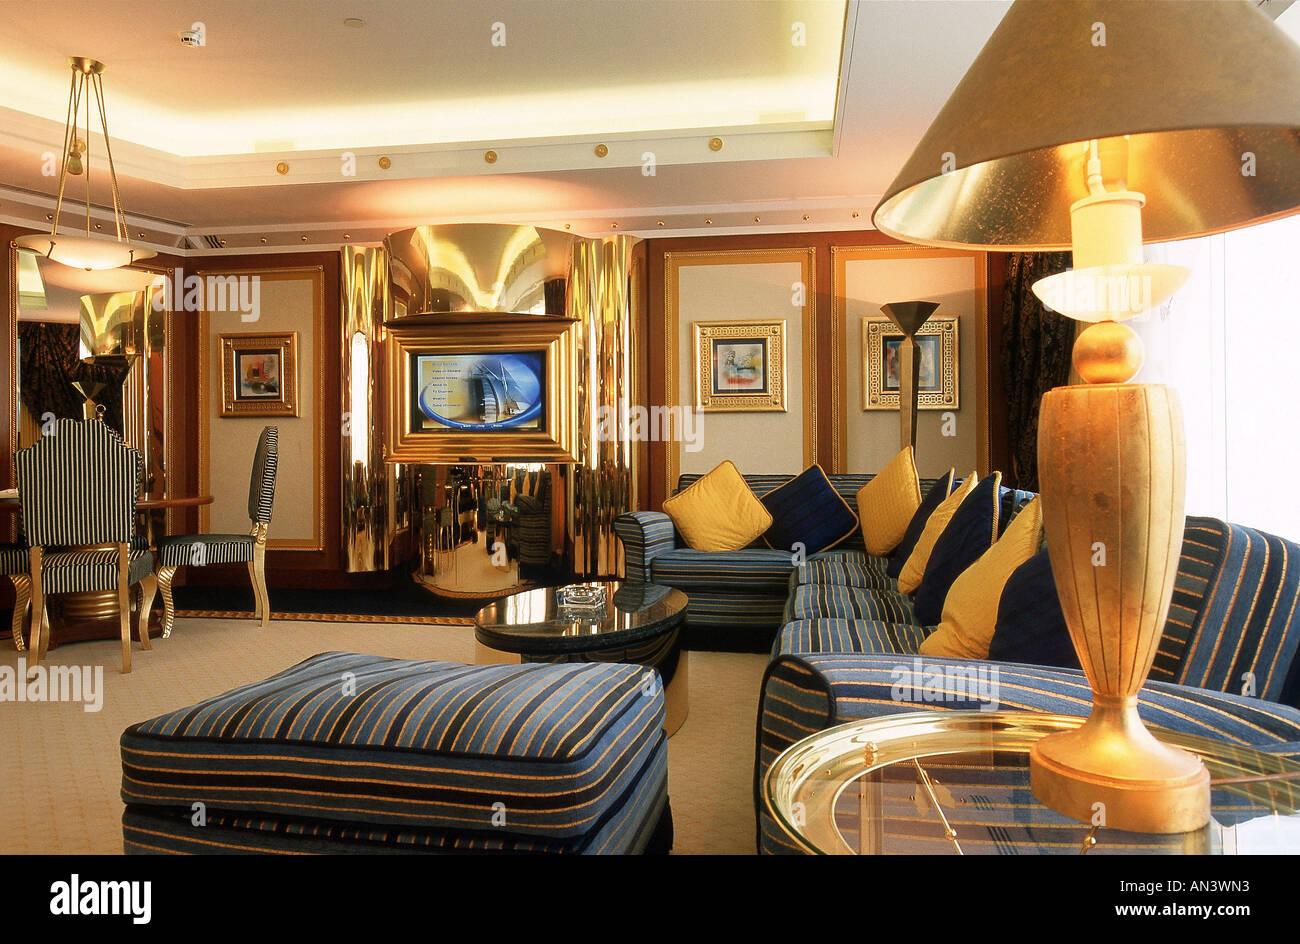 ARE, United Arab Emirates, Dubai, 31.10.2005 : 7 Star Luxury Hotel Burj Al  Arab. Normal Suite